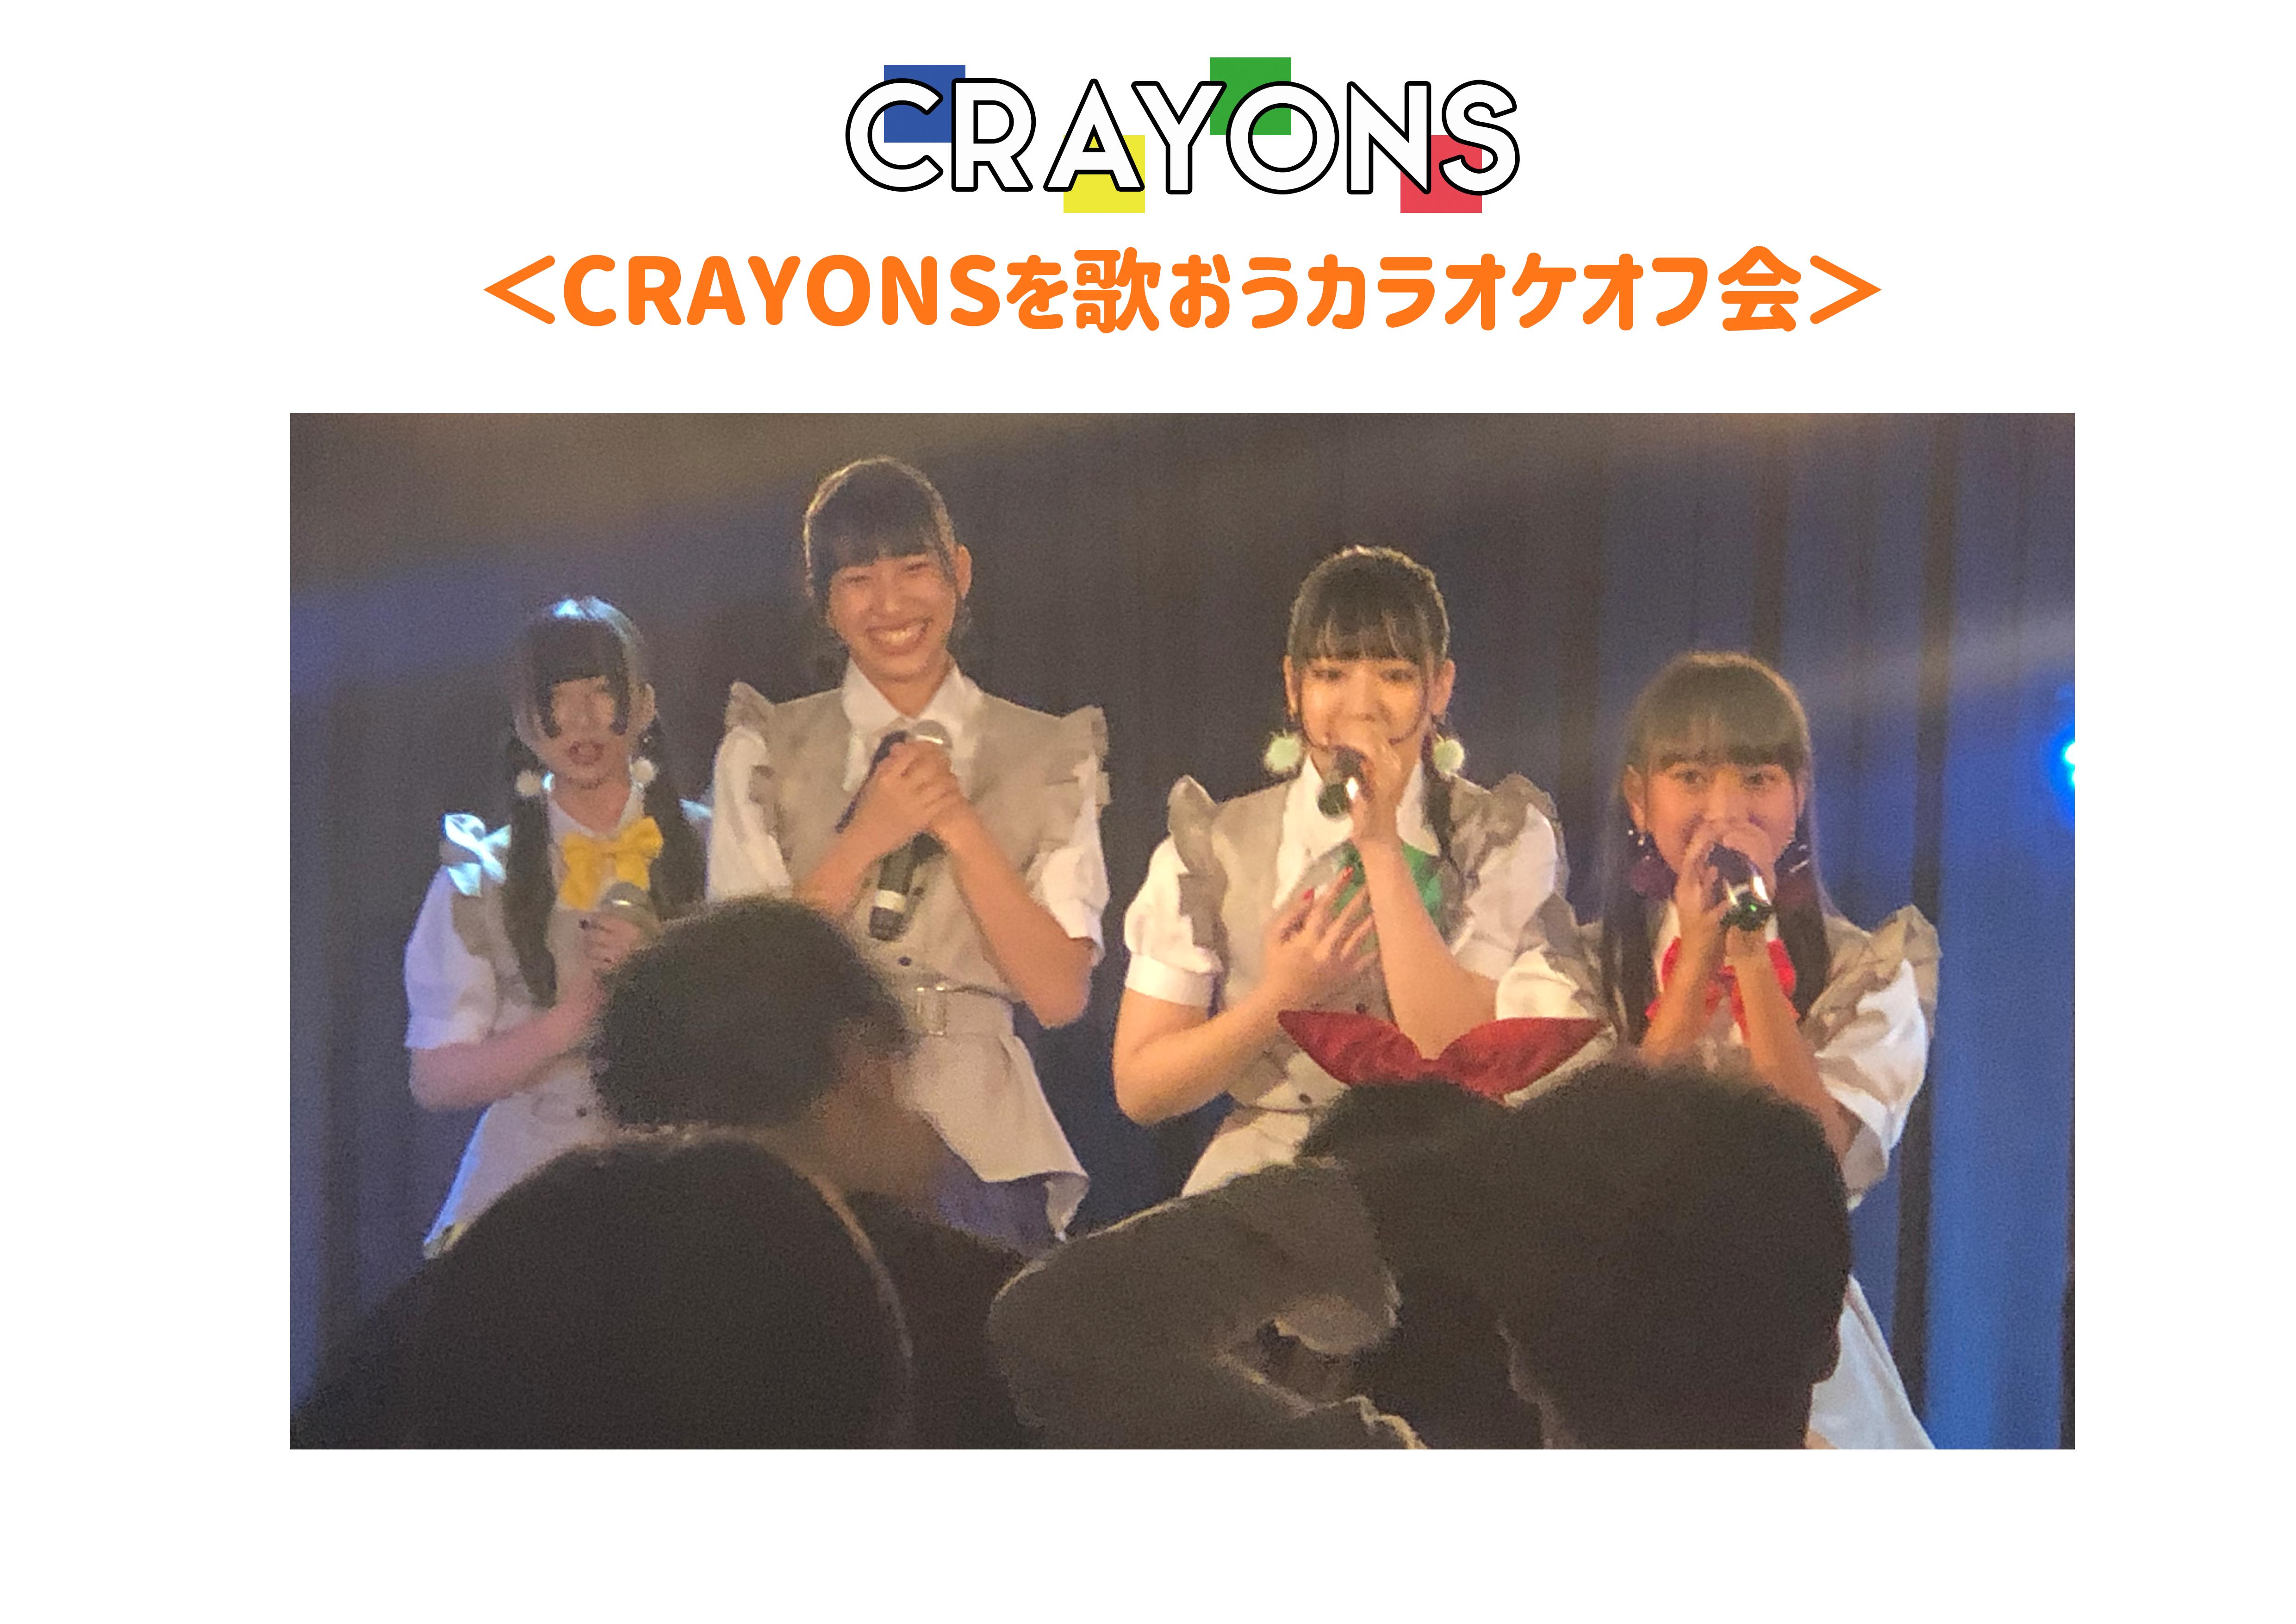 みんなでCRAYONSを歌おう!カラオケオフ会プラン